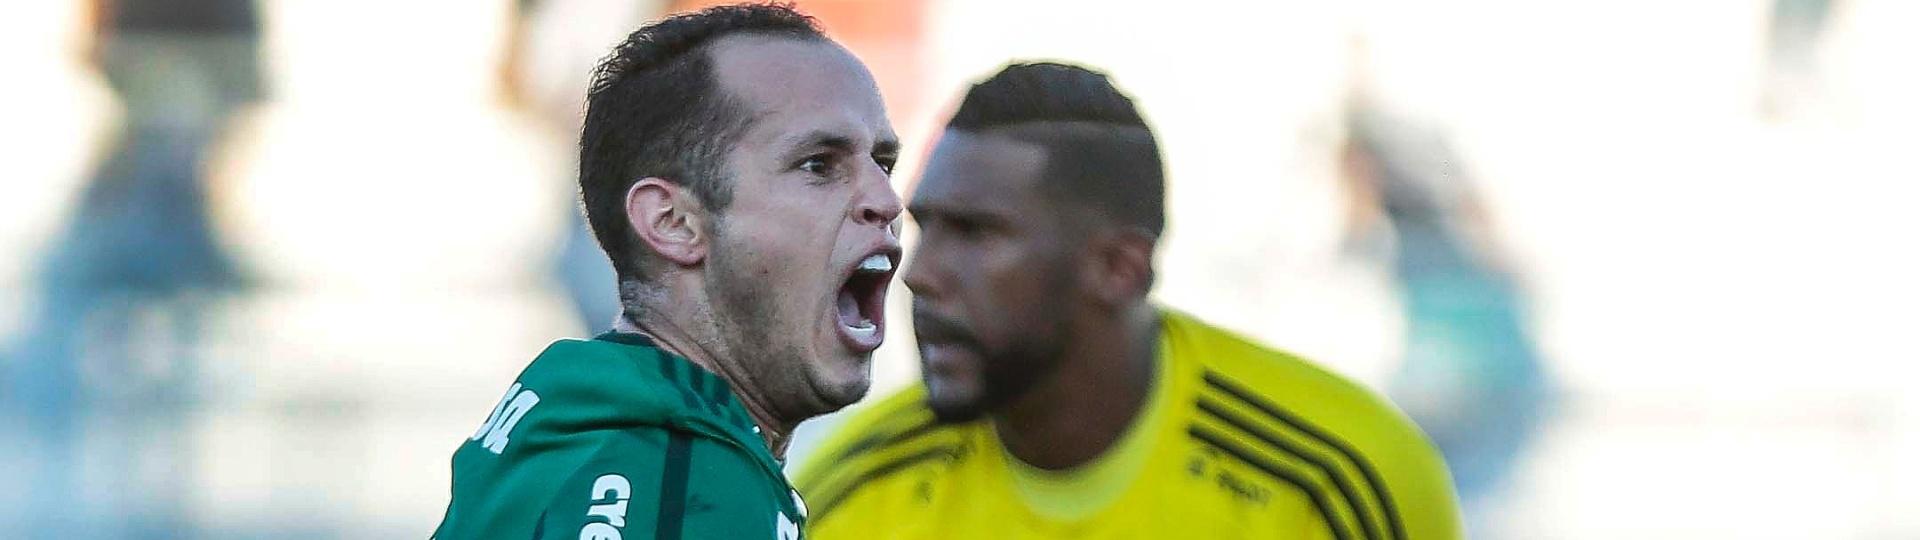 Guerra, do Palmeiras, comemora gol sobre a Ponte Preta, do goleiro Aranha